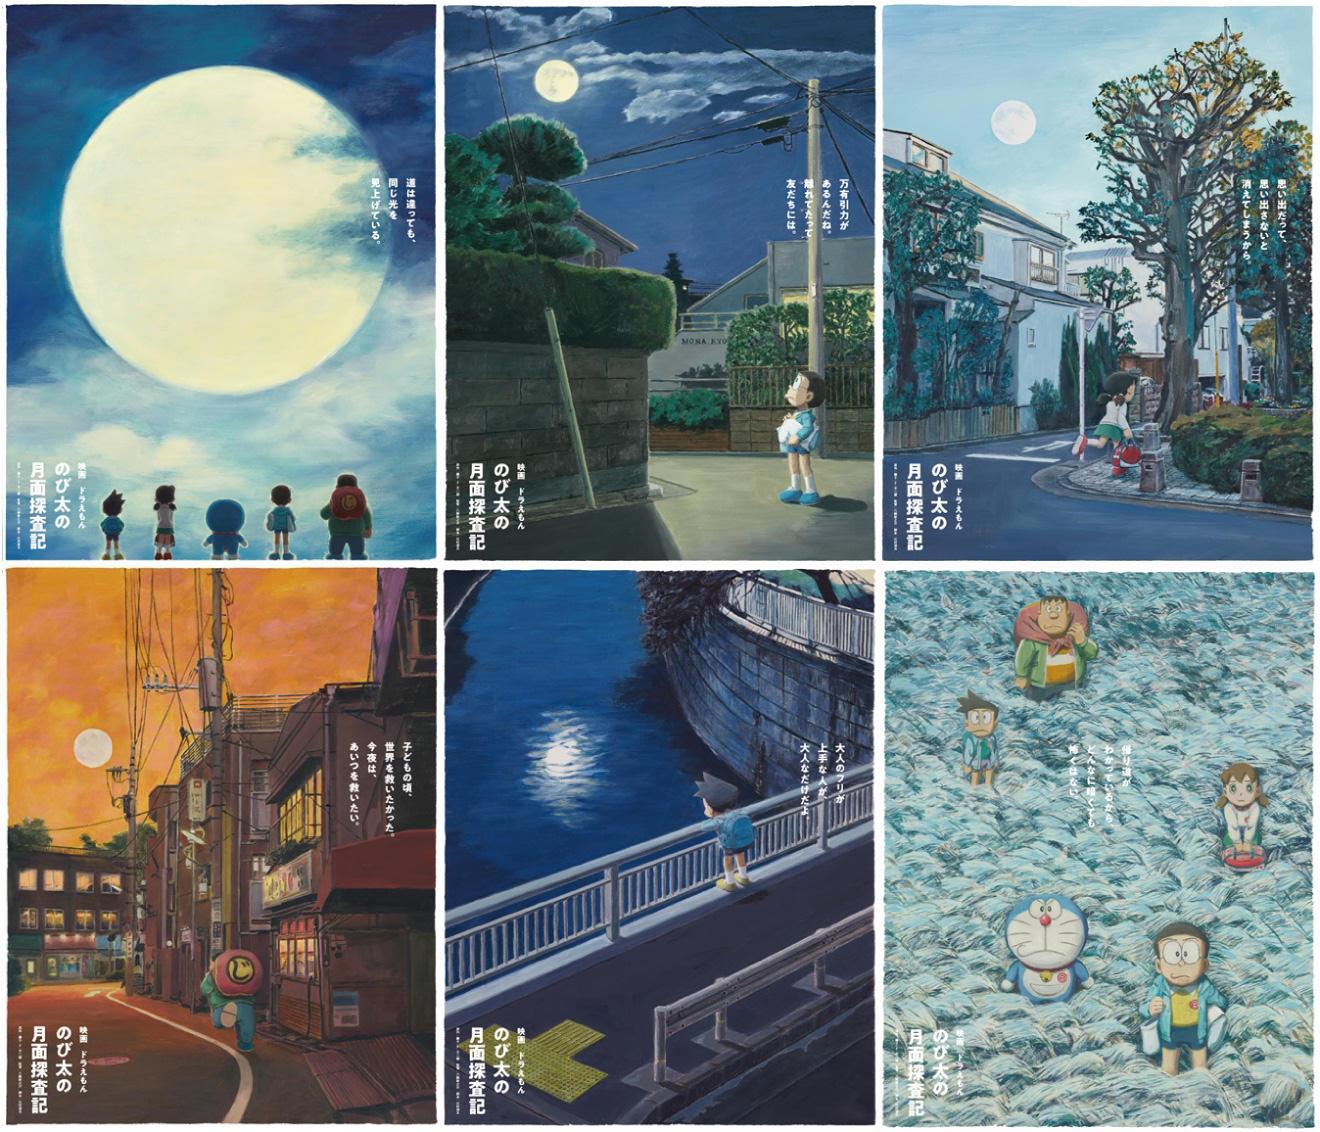 「大人のフリが上手な人が、大人なだけだよ。」映画ドラえもん『のび太の月面探索記』ビジュアルがグッとくる